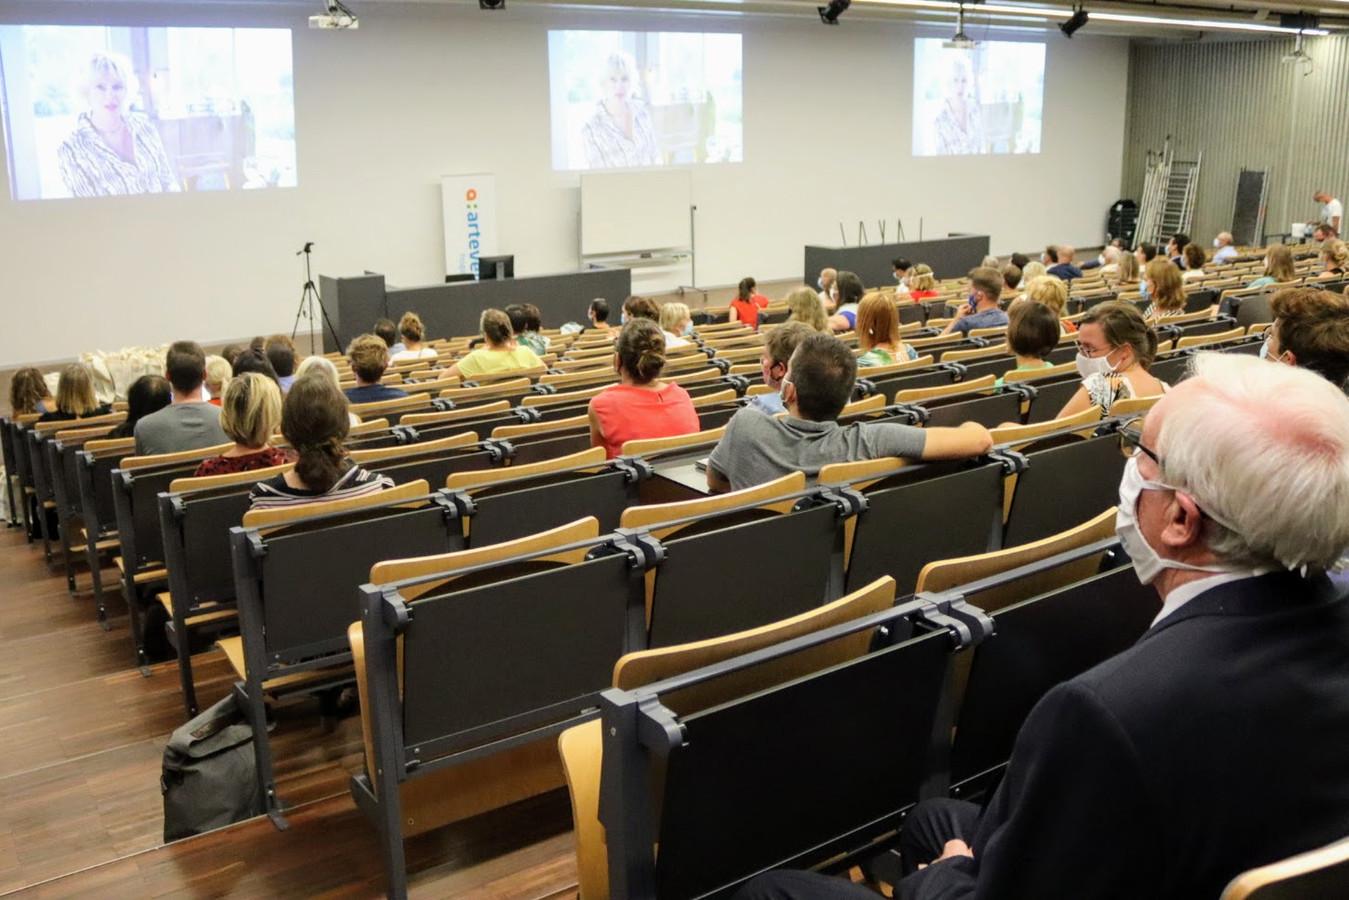 In een half gevuld auditorium aan de Voetweg volgden medewerkers van Arteveldehogeschool het startevent van de onderwijsinstelling. Uiterst recht: Tony Van Parys.